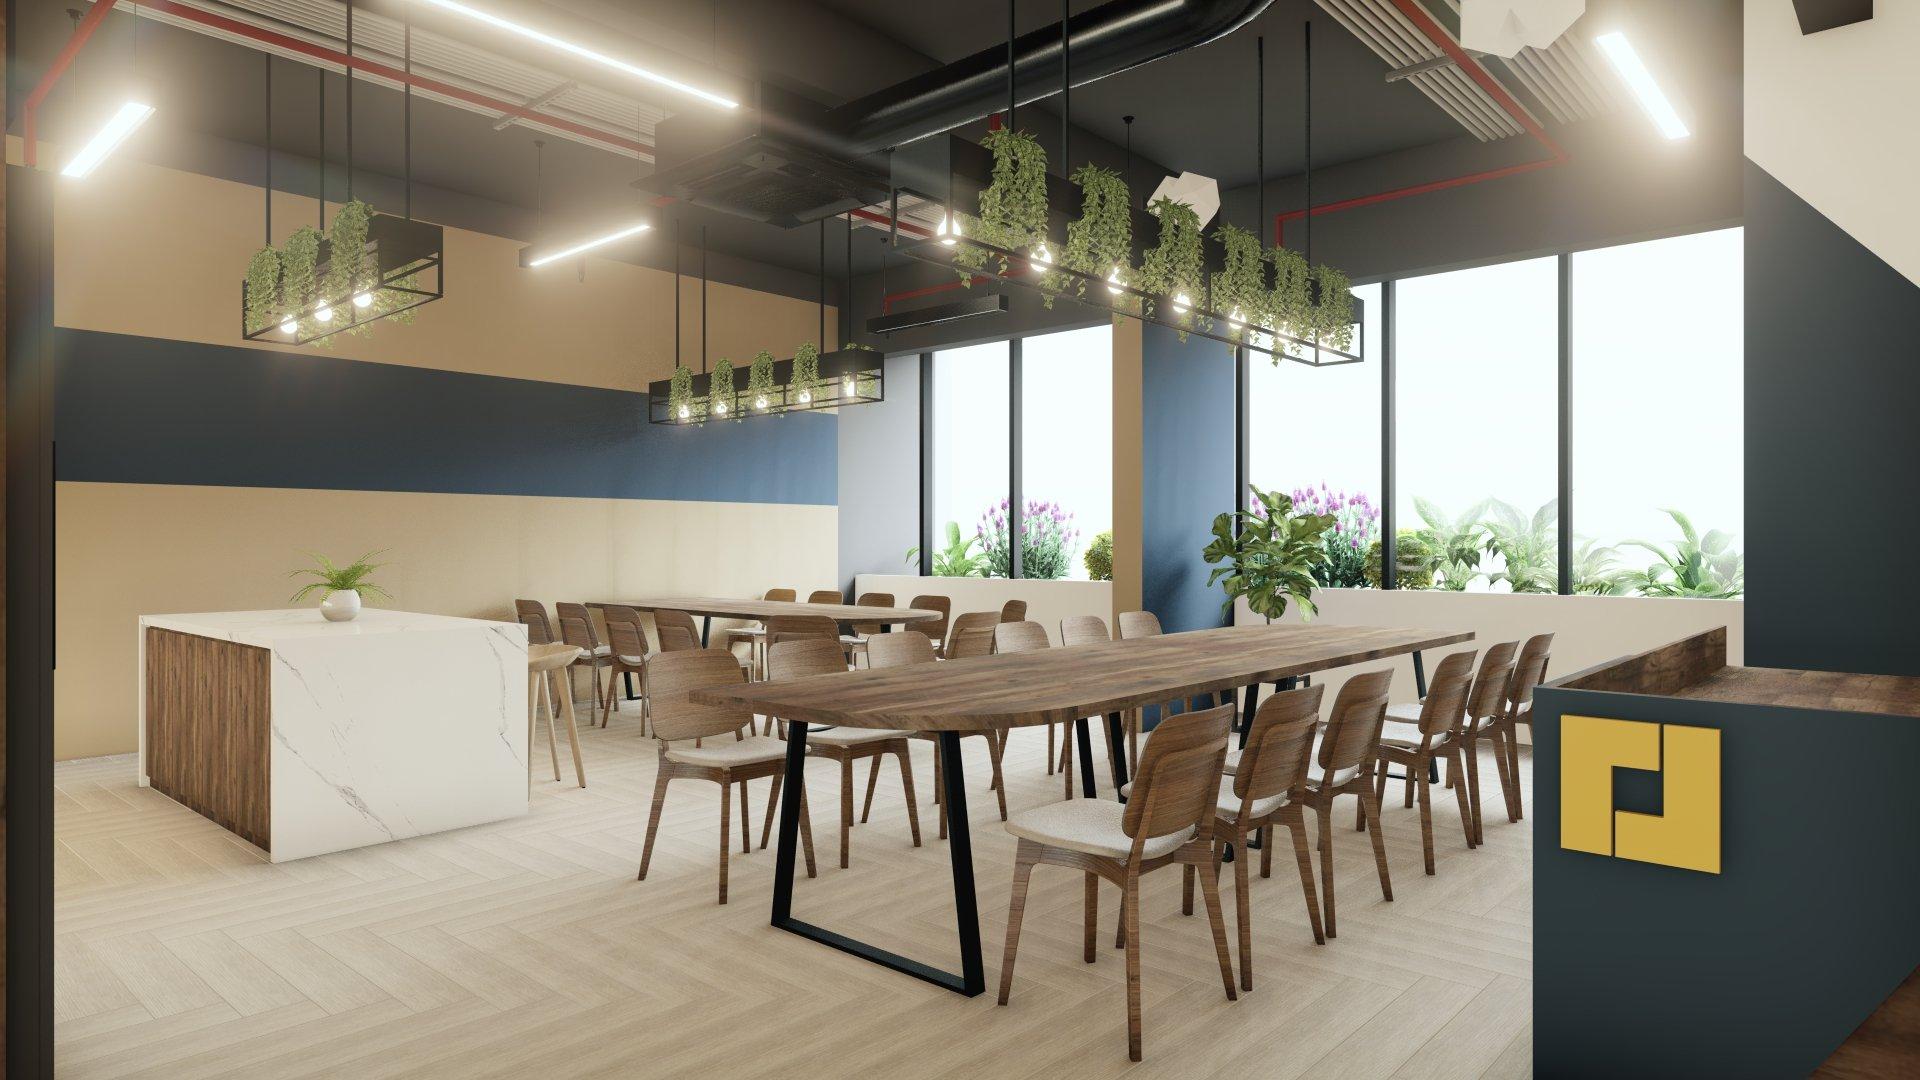 Hội sở Titan tại Marina Arc Ecopark được đầu tư xây dựng với quy mô 700 chỗ ngồi